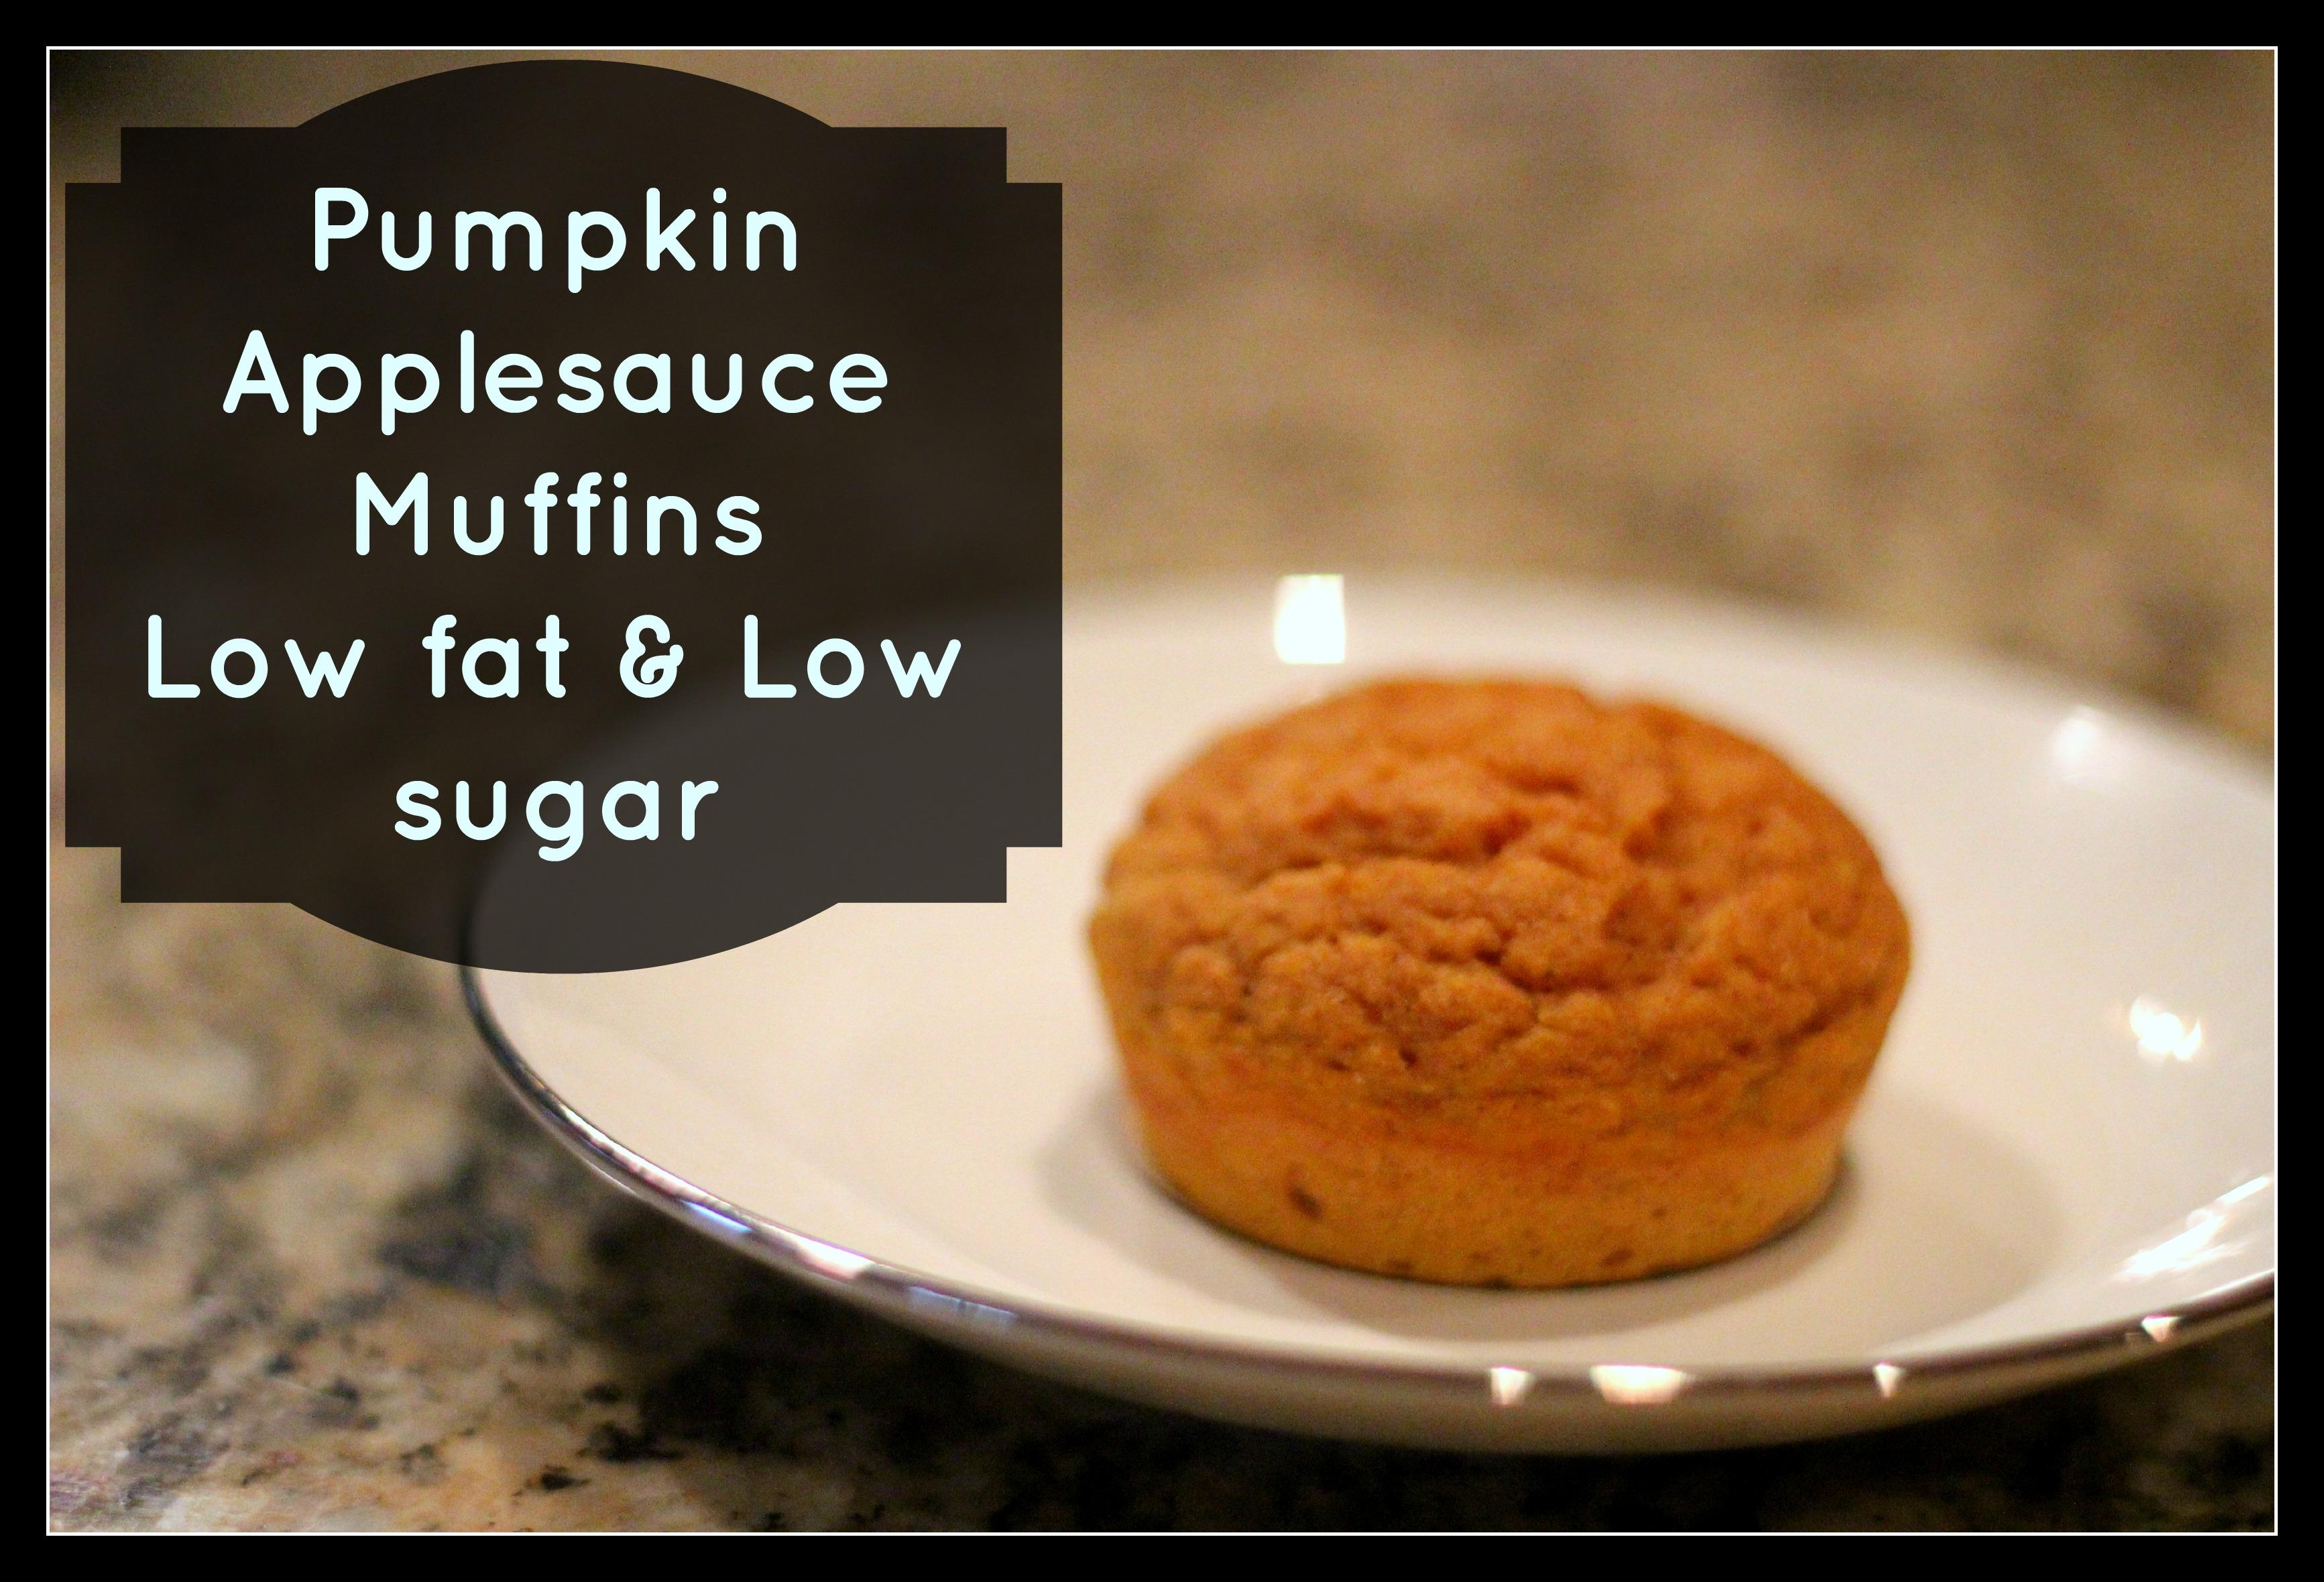 pumpkin applesauce muffin